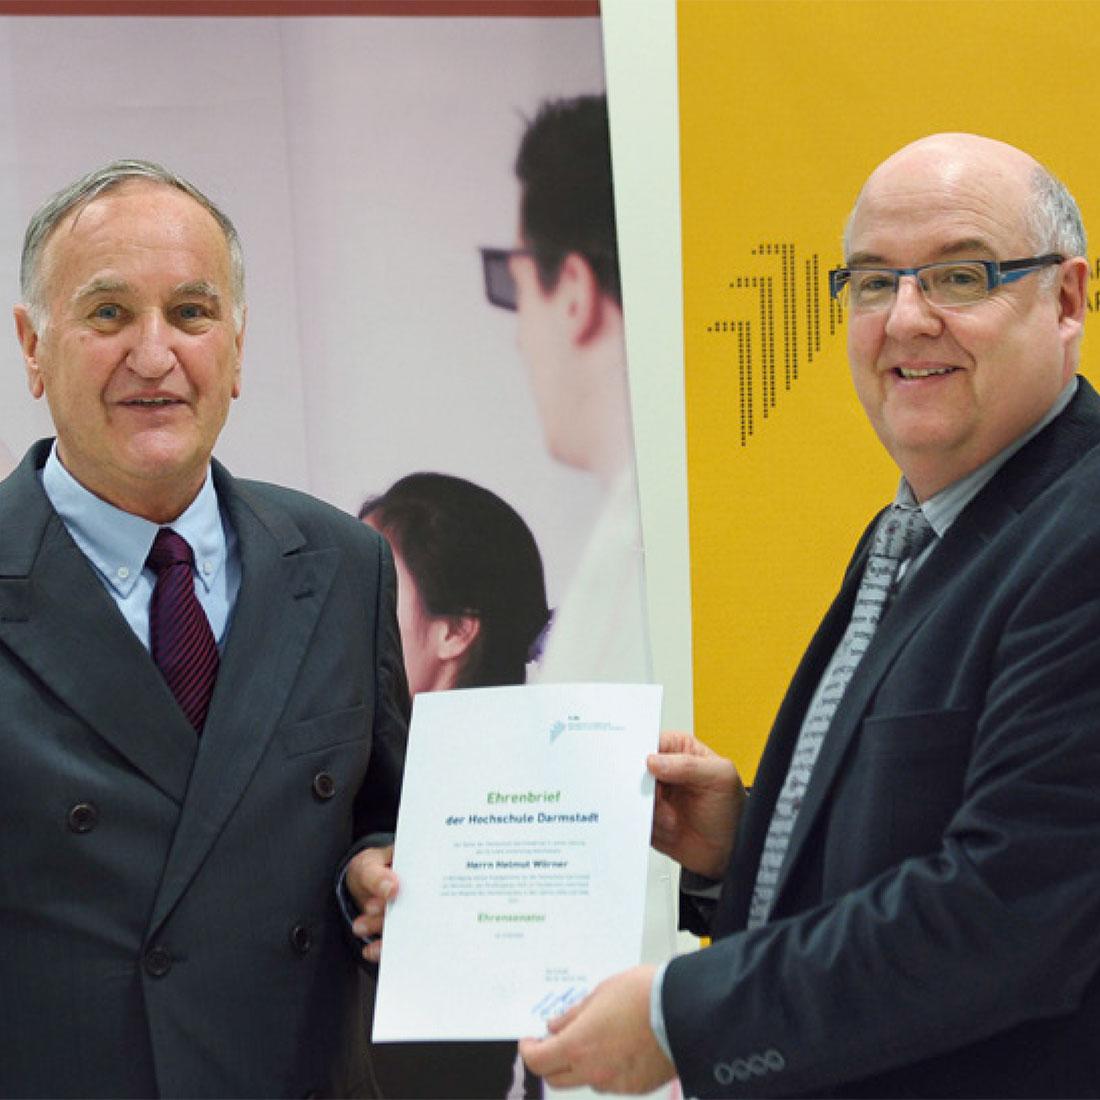 Controlware Gründer Helmut Wörner wird von Prof. Dr. Ralph Stengler eine Urkunde überreicht.